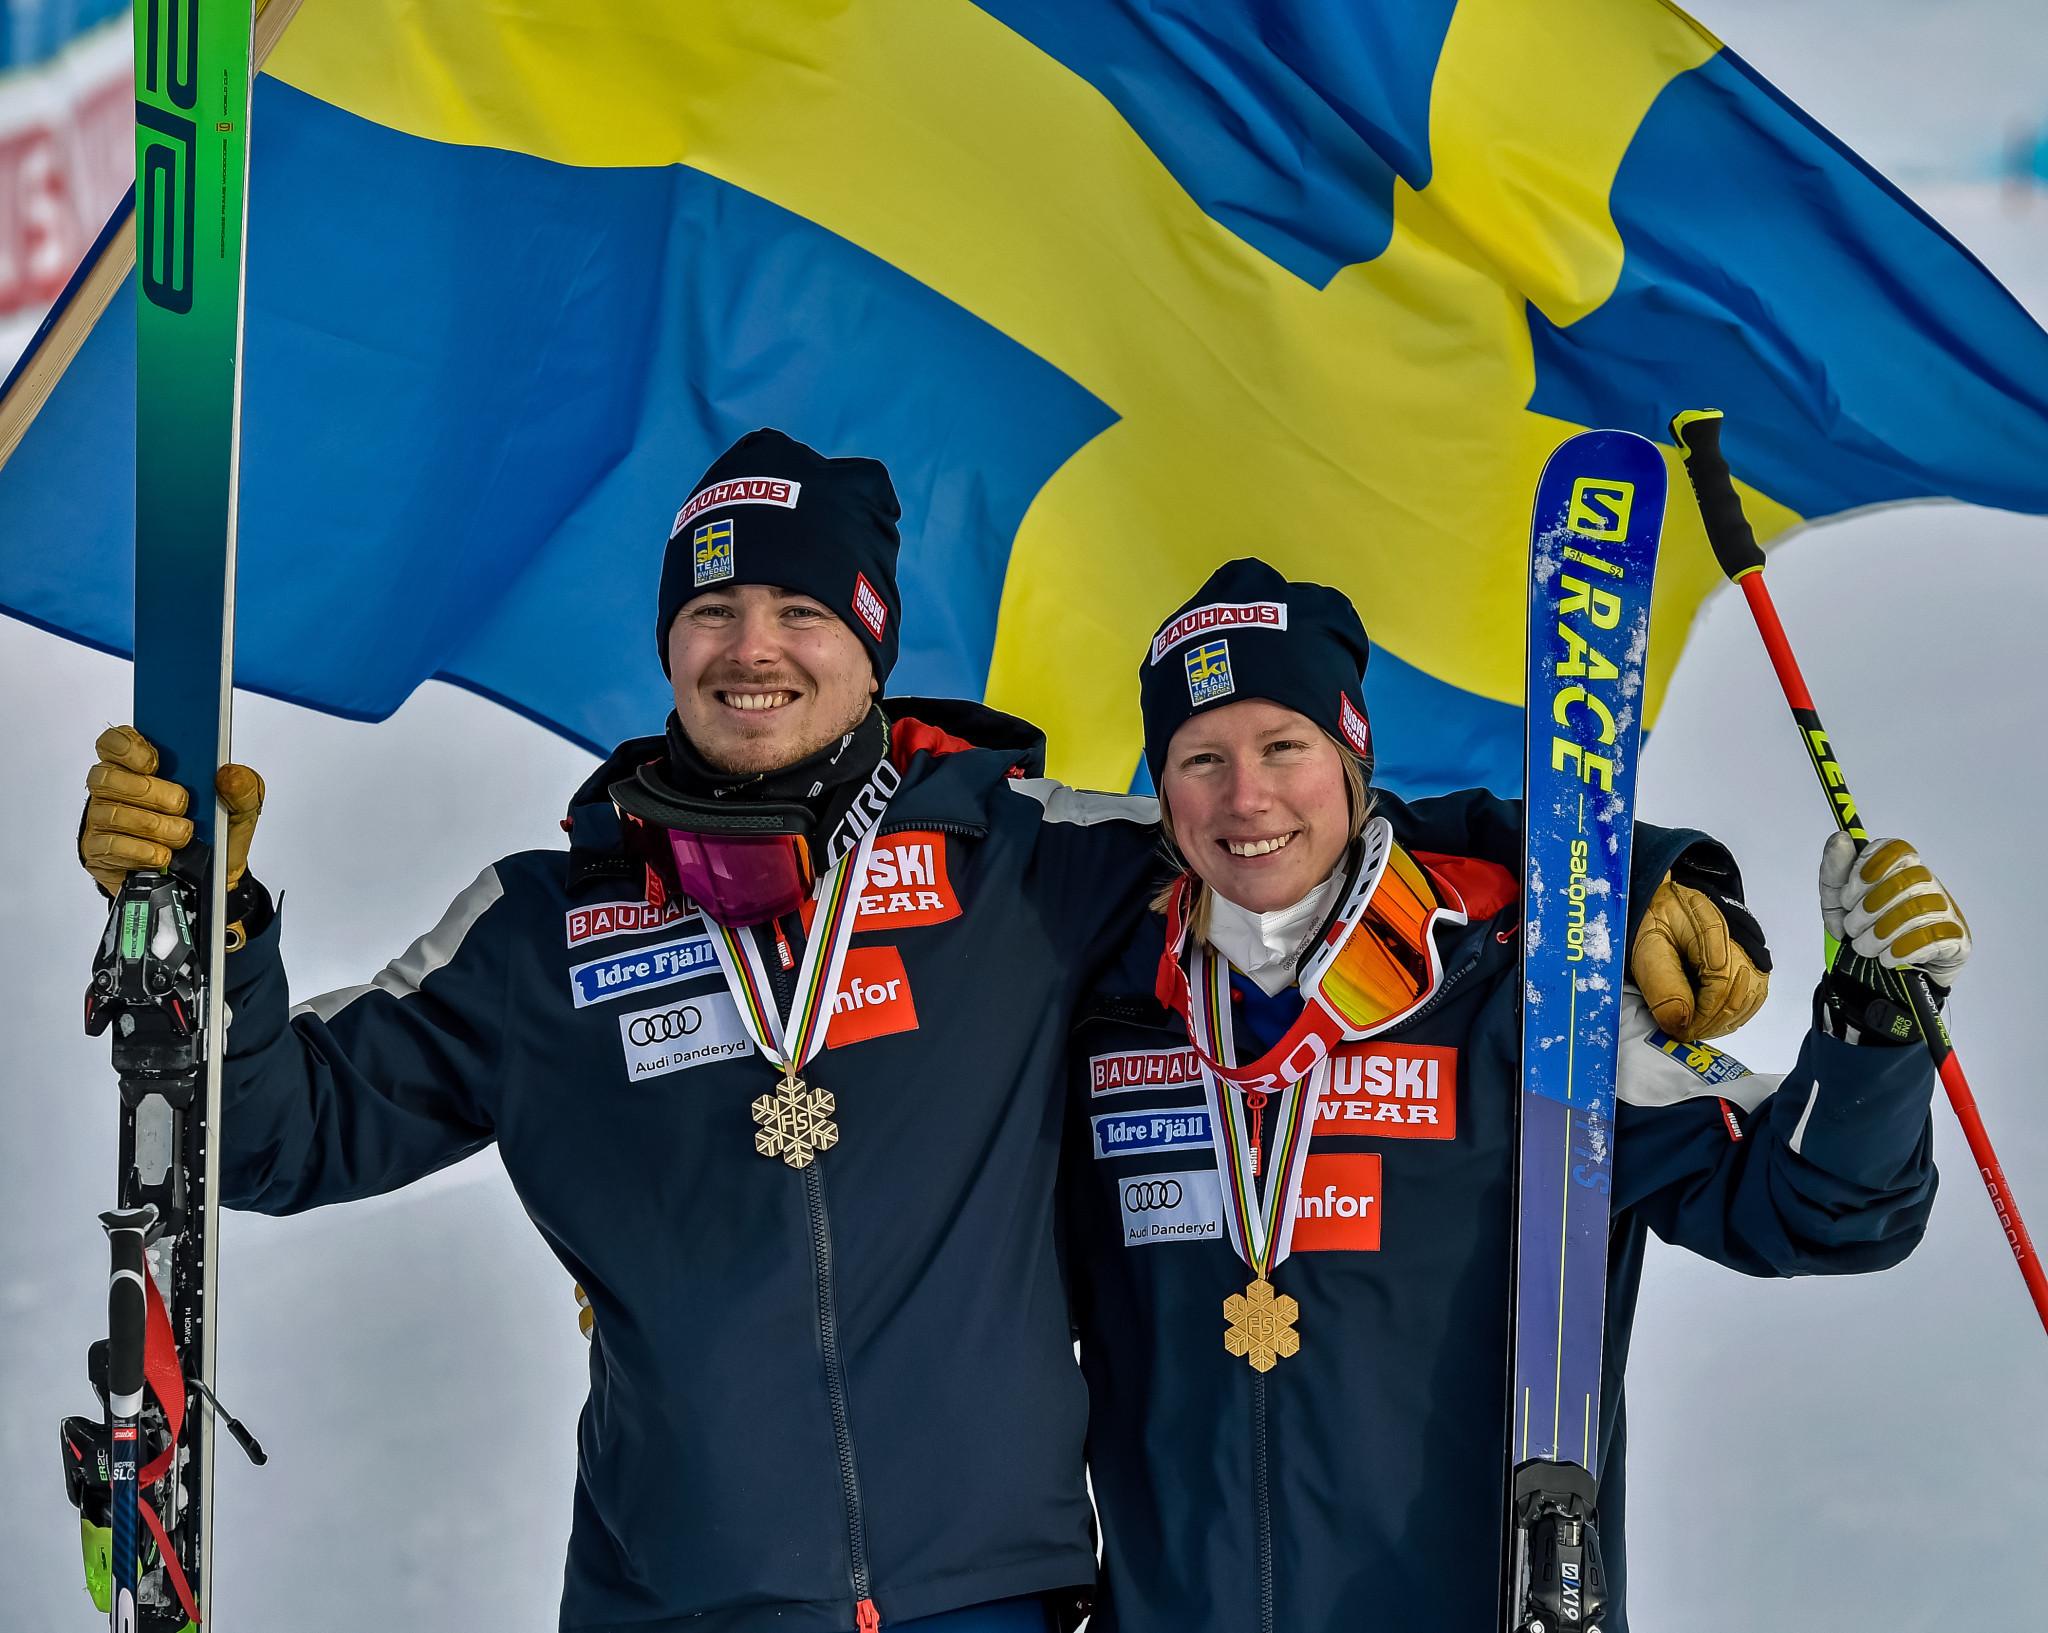 Ski cross world champion Näslund among athletes added to Swedish squad for Beijing 2022